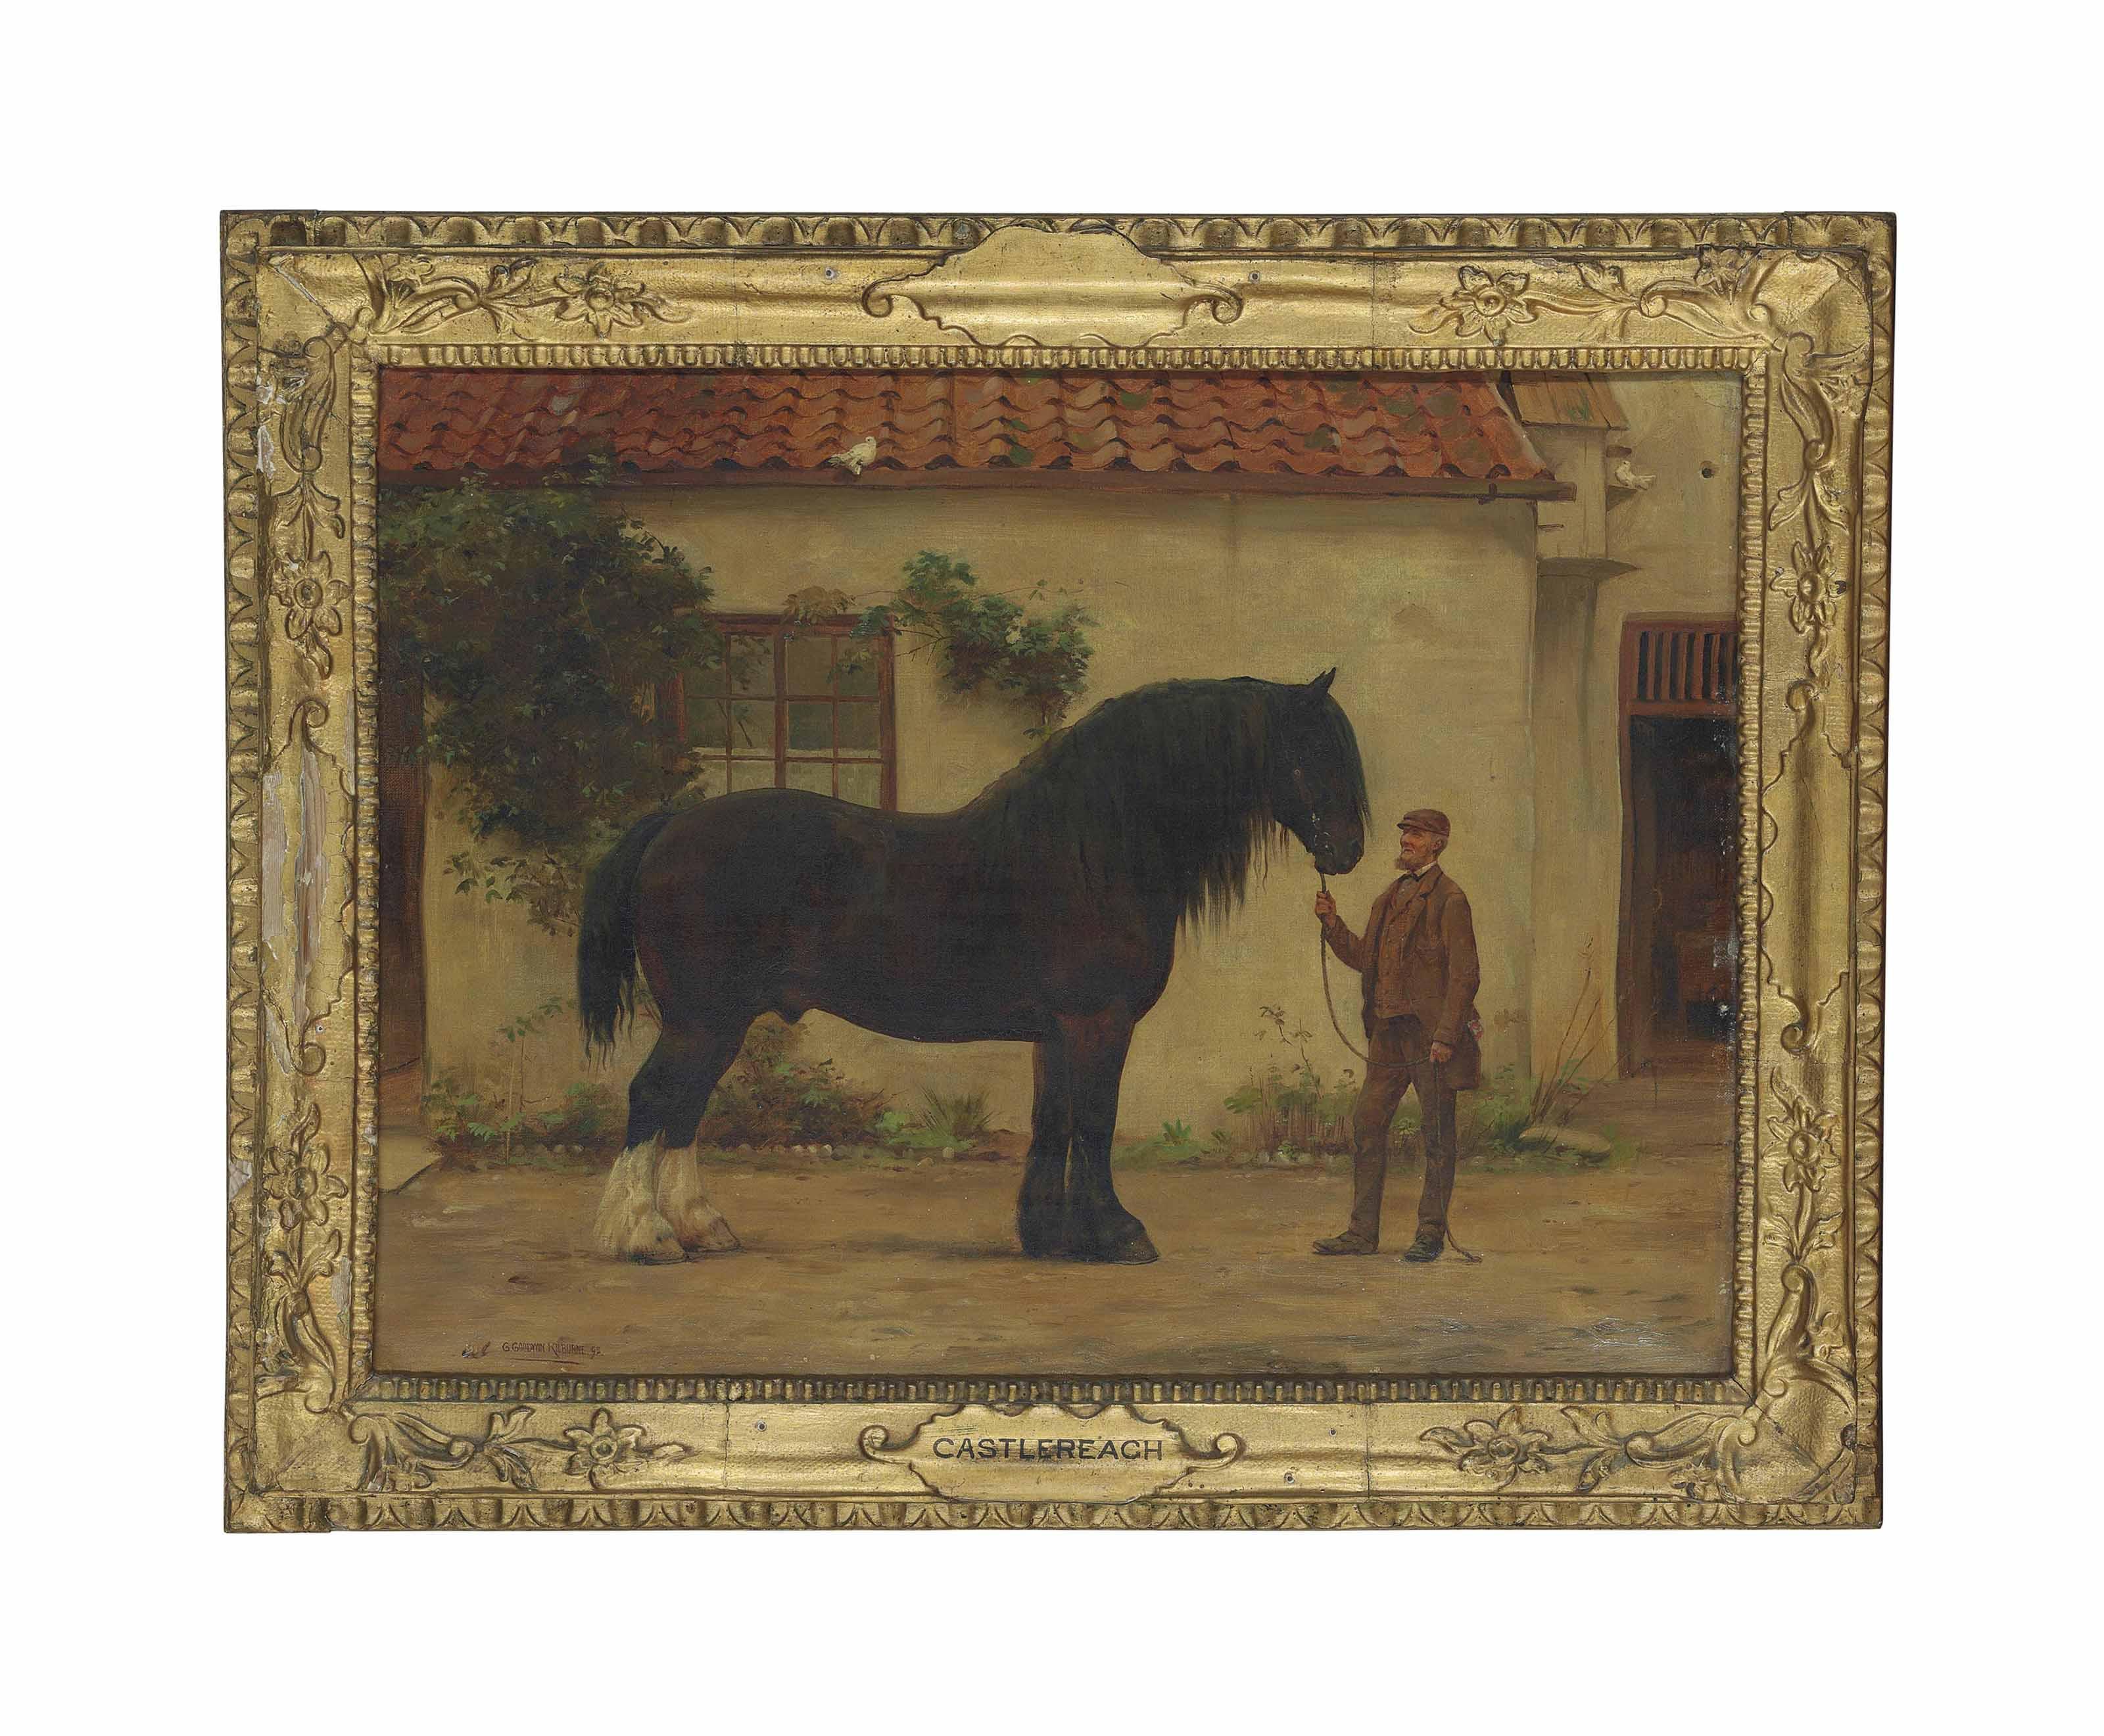 'Castlereagh', a cart horse with a groom